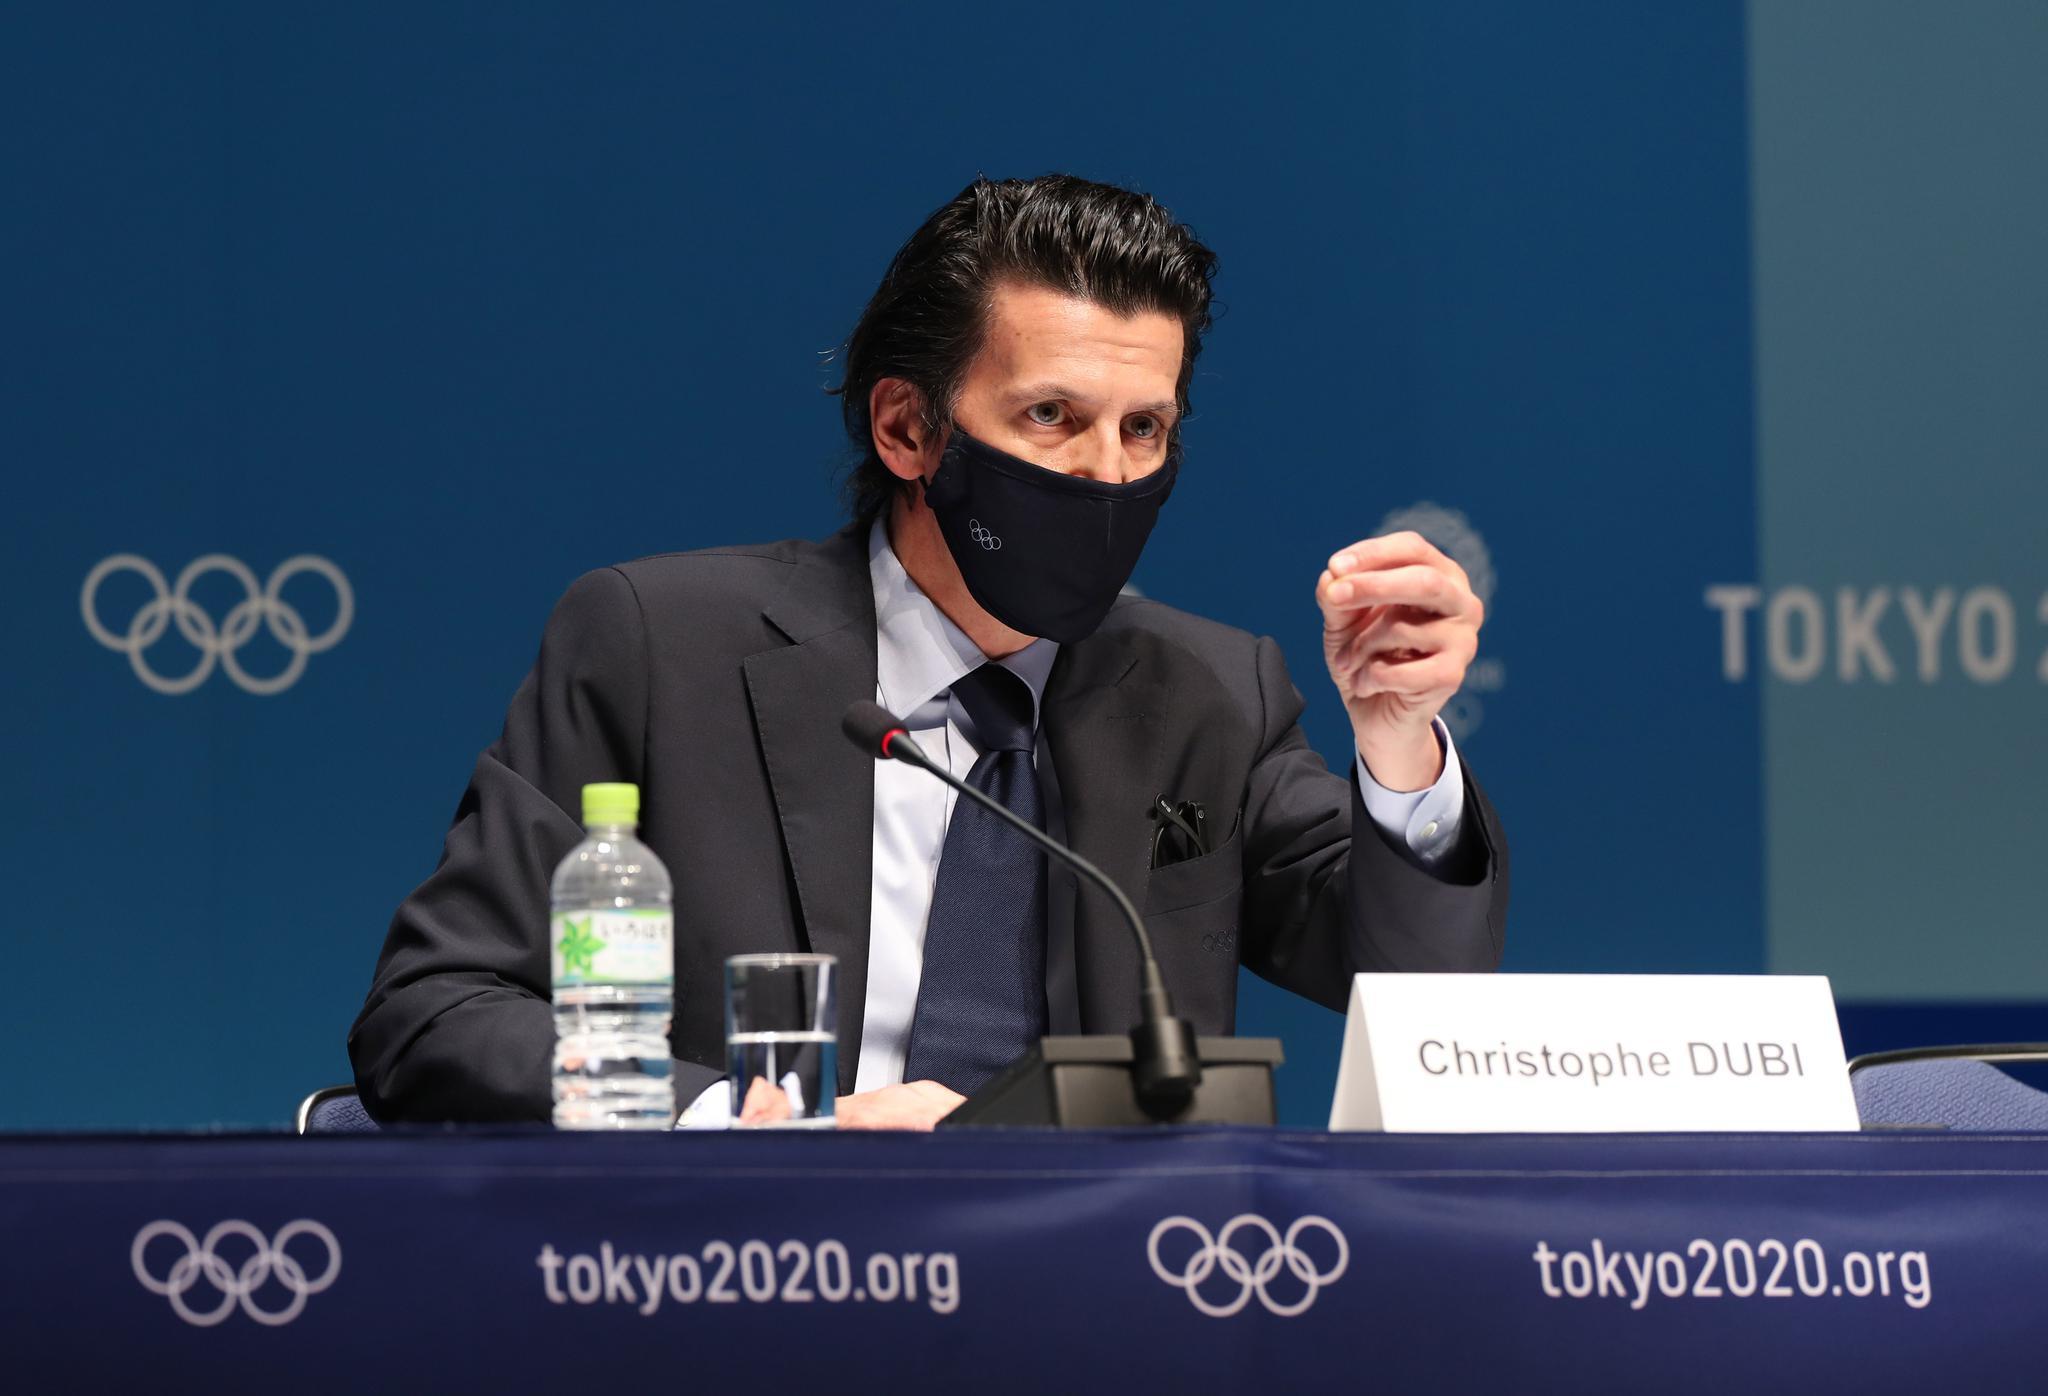 国际奥委会执委会举行新闻发布会插图(1)